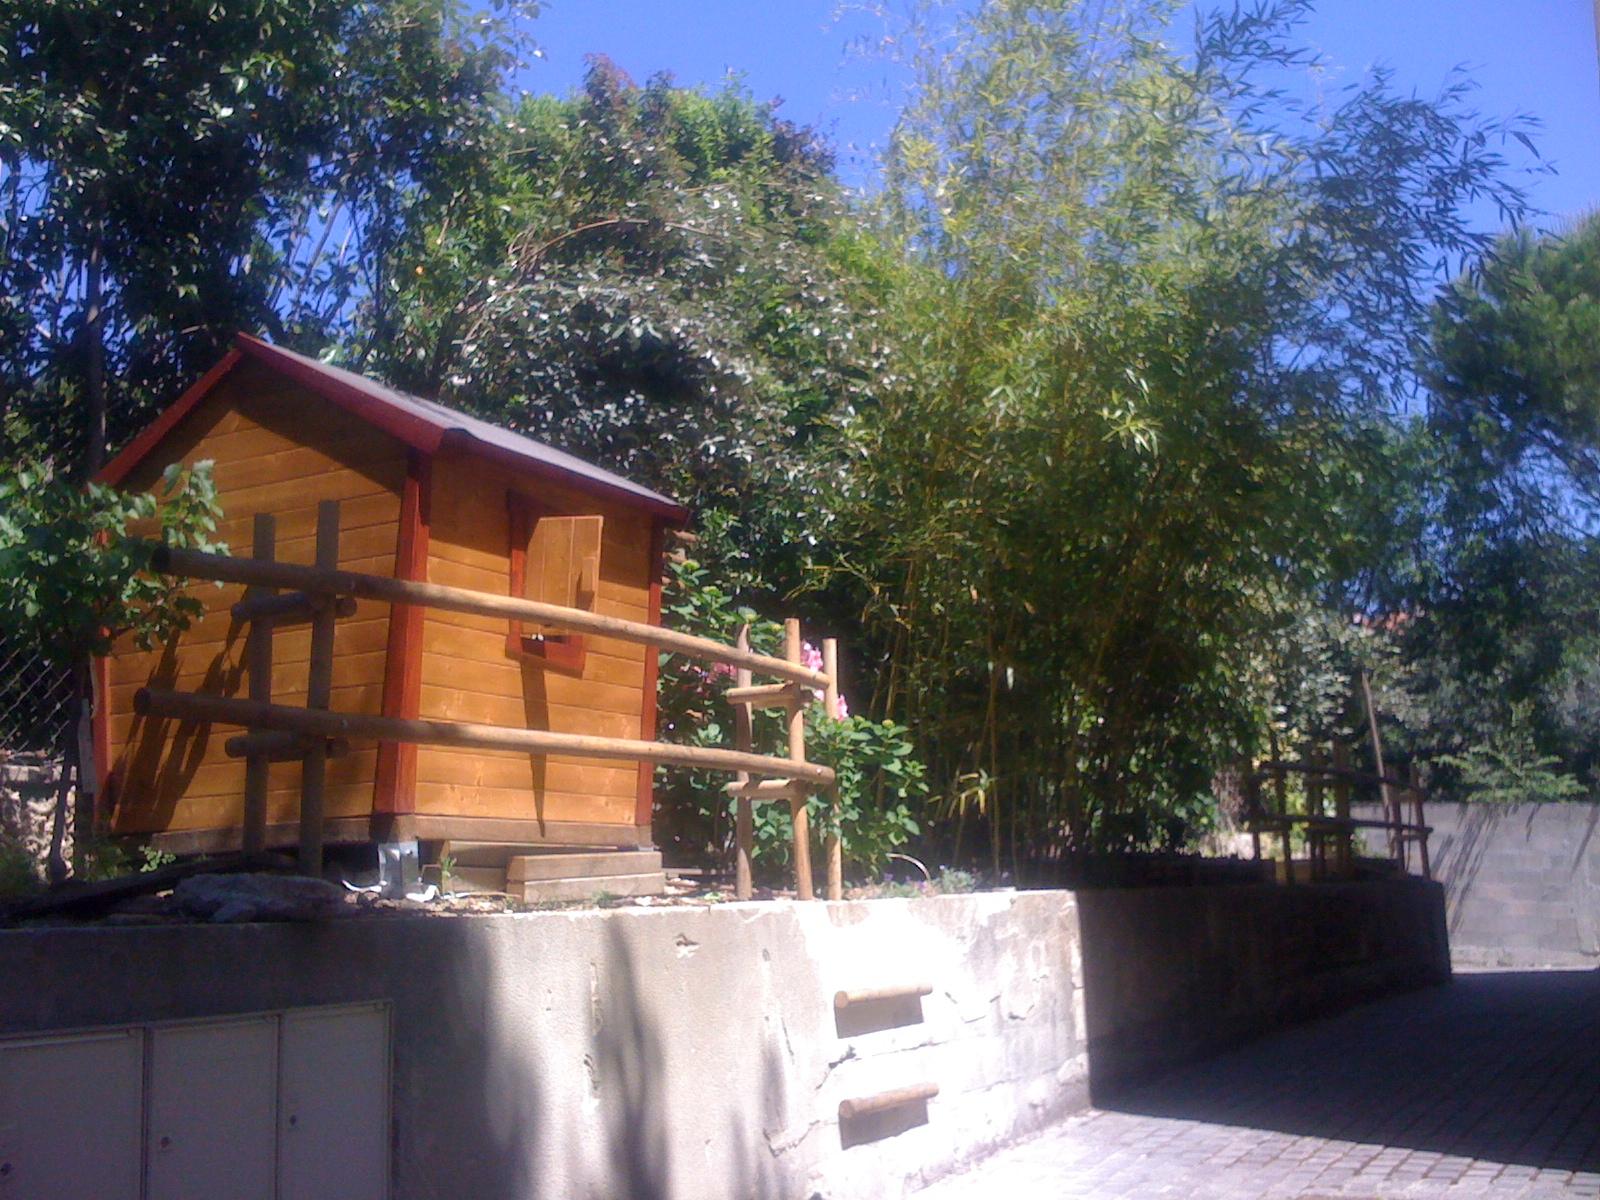 Le Jardin Cabane De Carla - Communauté Leroy Merlin destiné Cabane Leroy Merlin